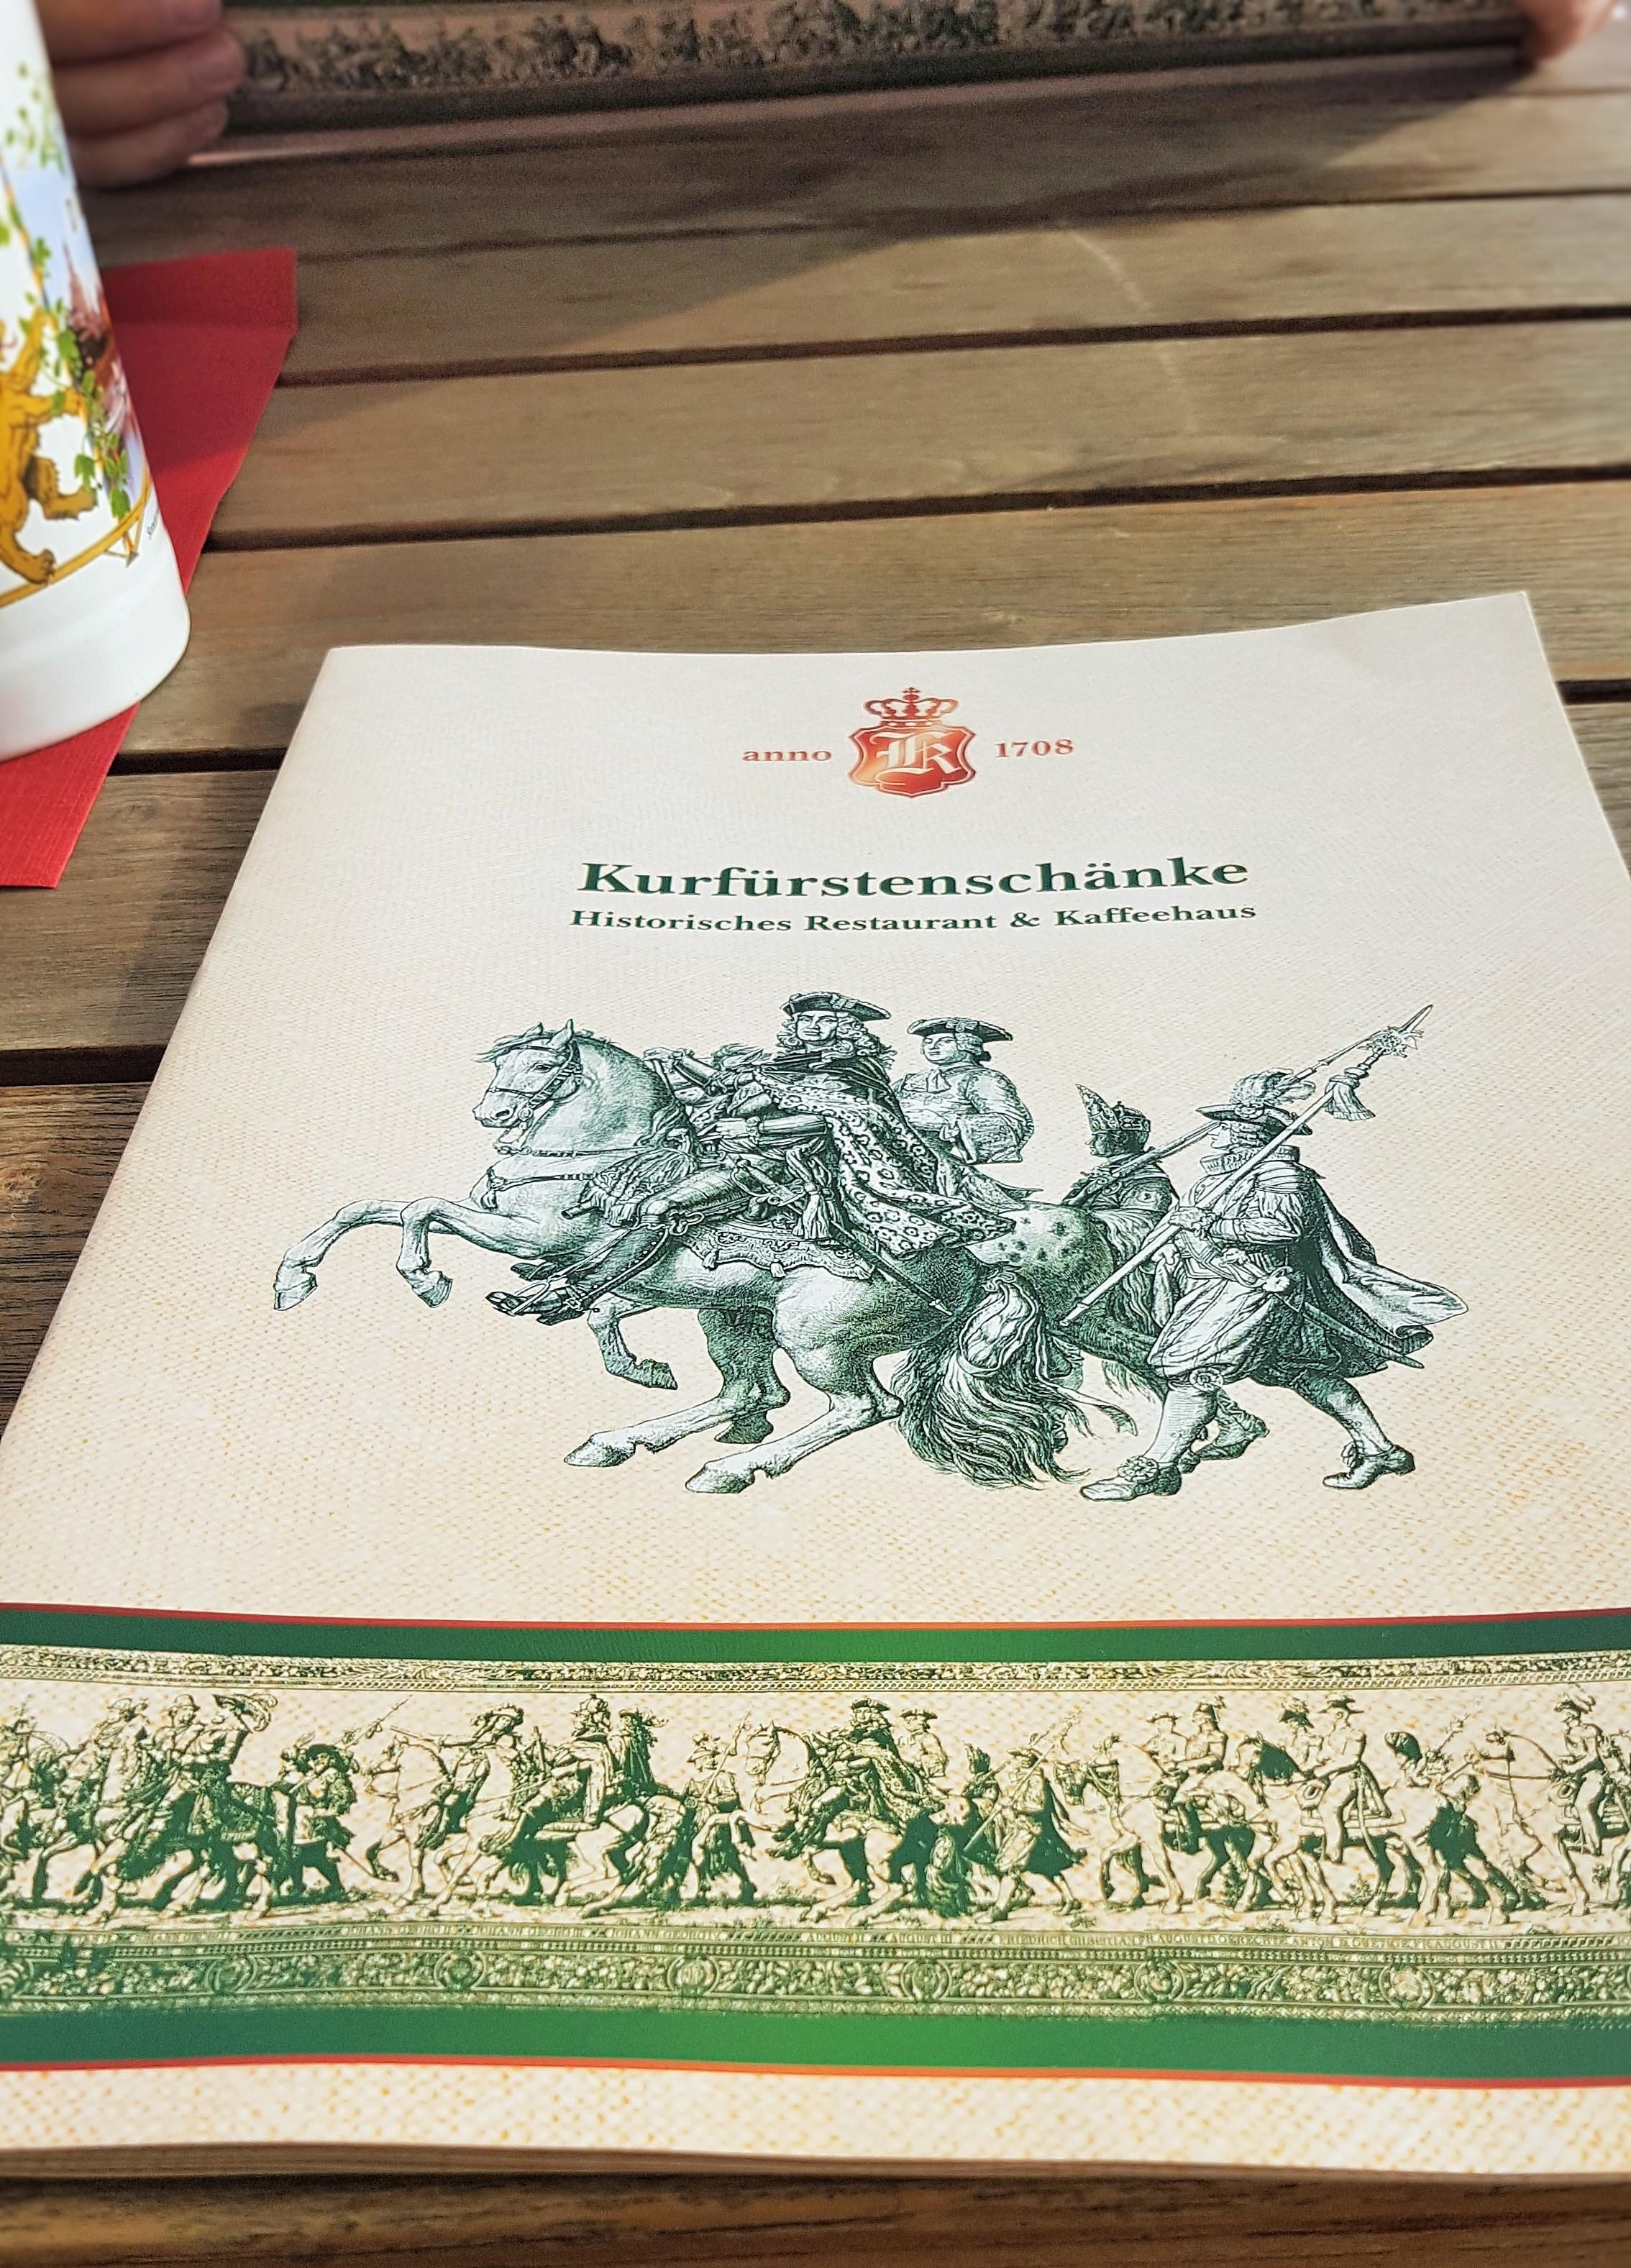 The Kurfürstenschänke historical restaurant and guest house in ...